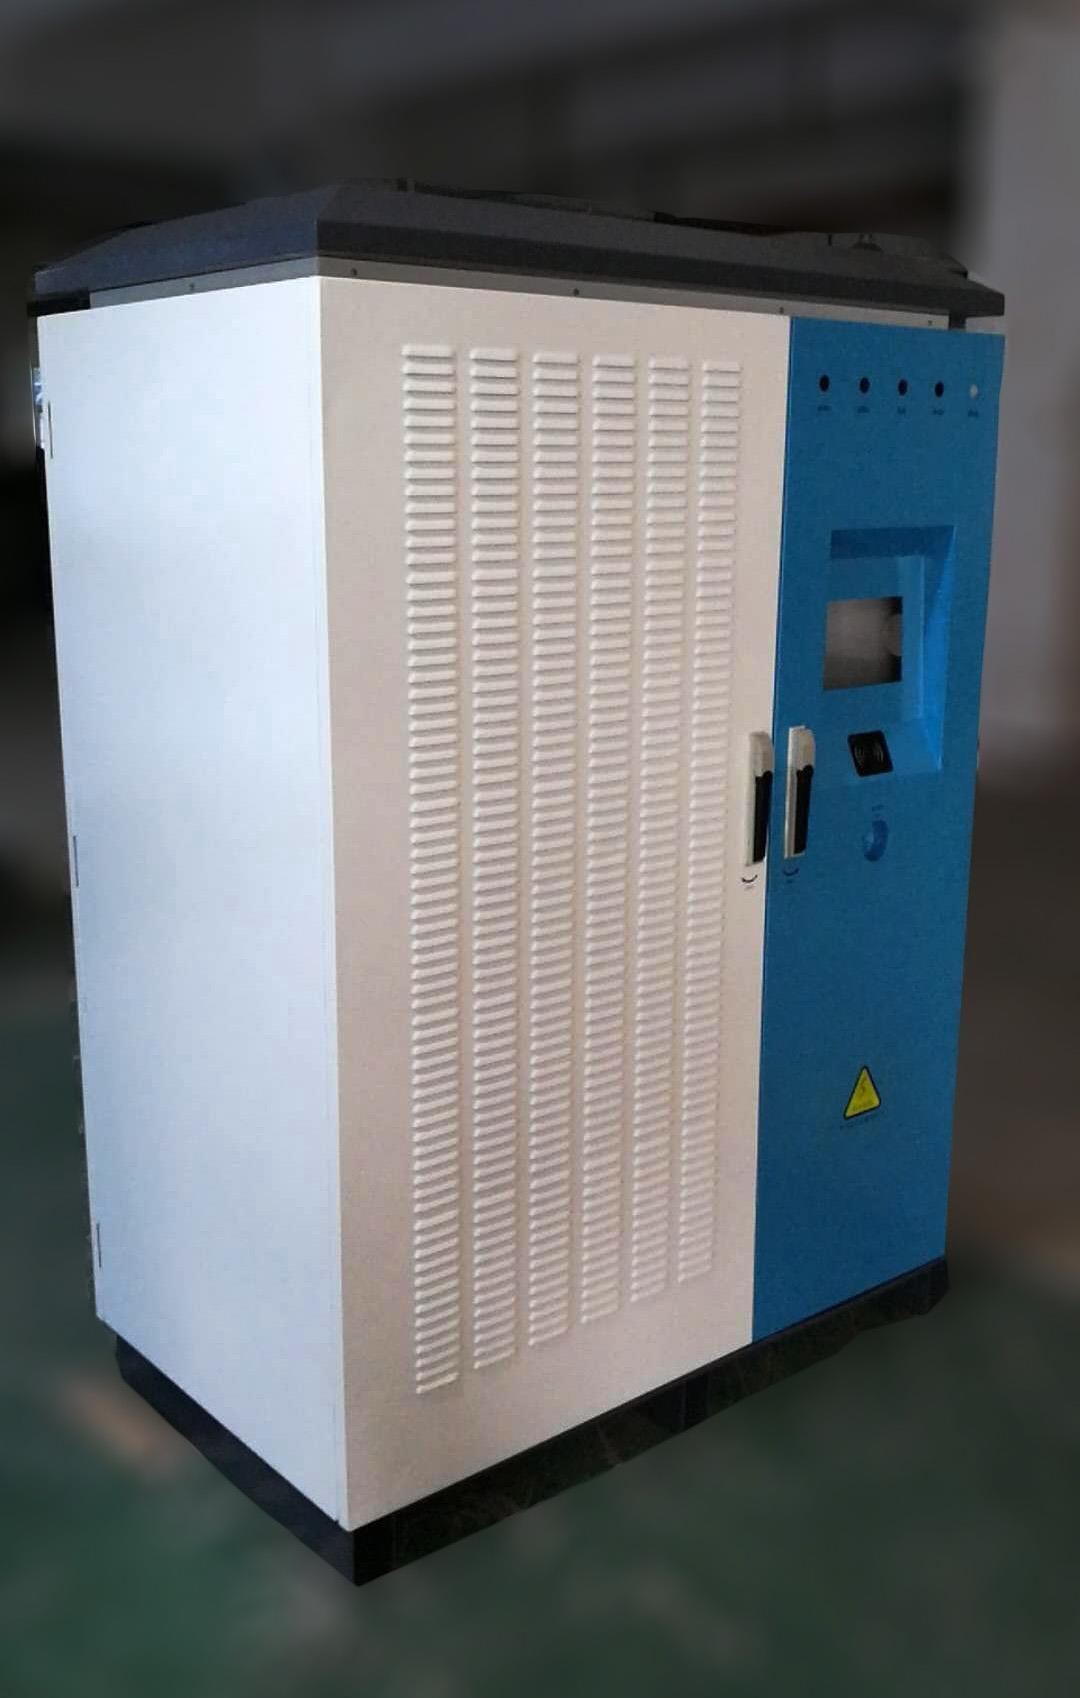 设计有强劲,有效地散热渠道,避免因非标异性机箱机柜内的设备高温